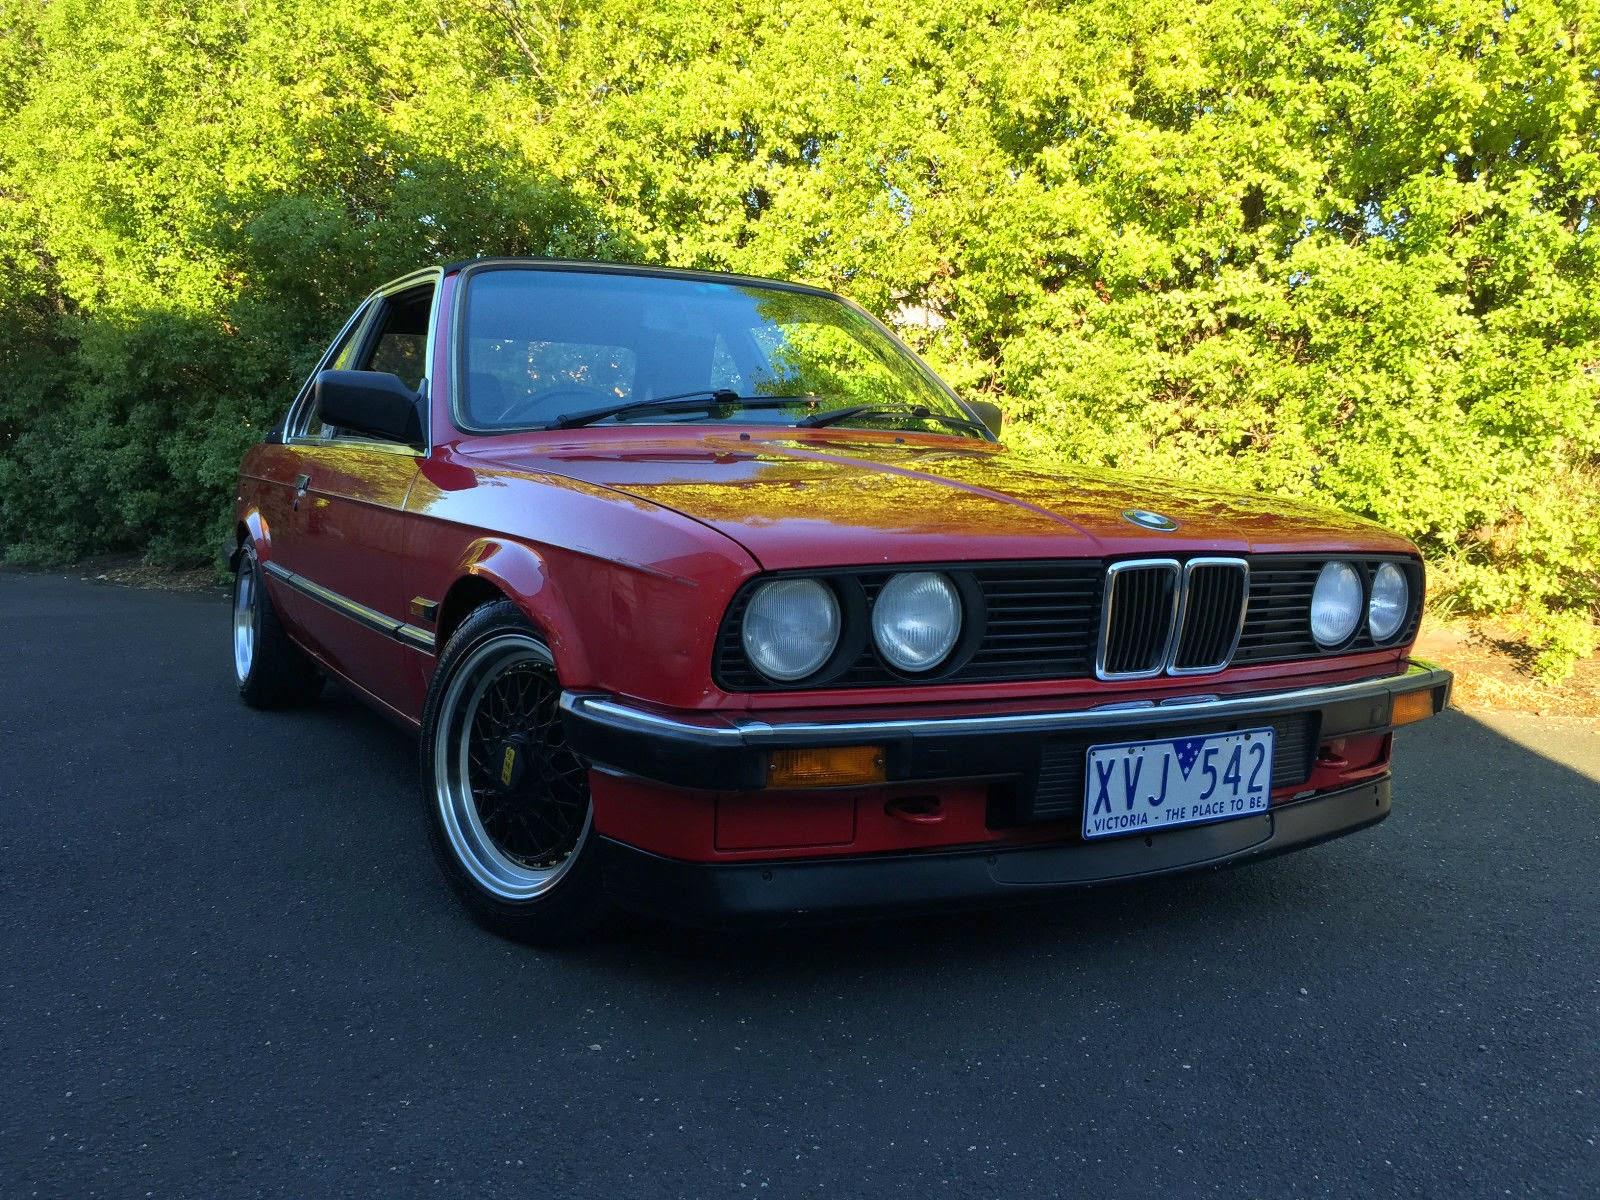 Baurspotting: 1985 BMW E30 318i TC Baur Manual For Sale In